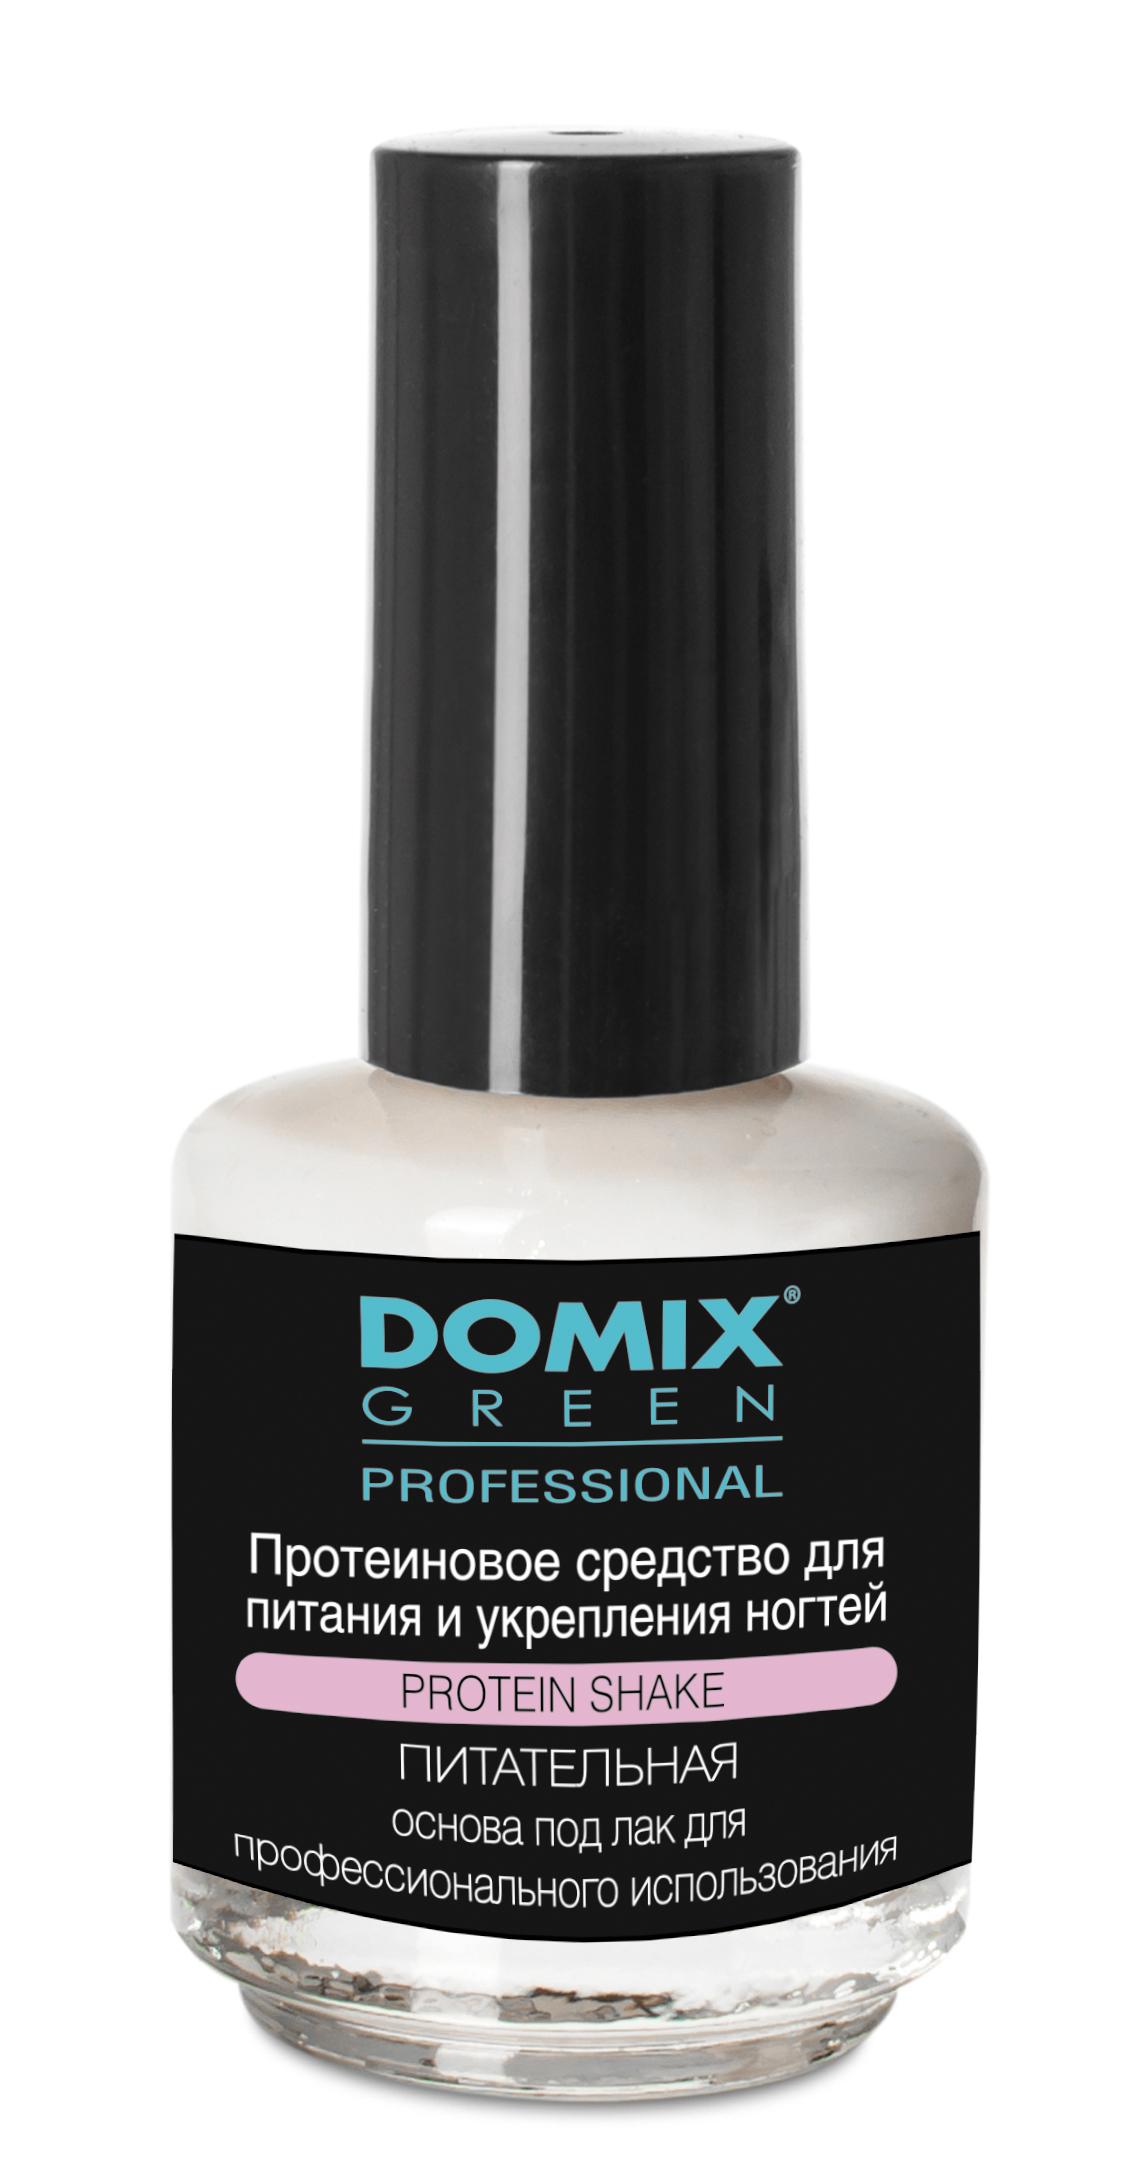 DOMIX Средство протеиновое для питания и укрепления ногтей / DGP 17 мл domix средство протеиновое для питания и укрепления ногтей dgp 17мл